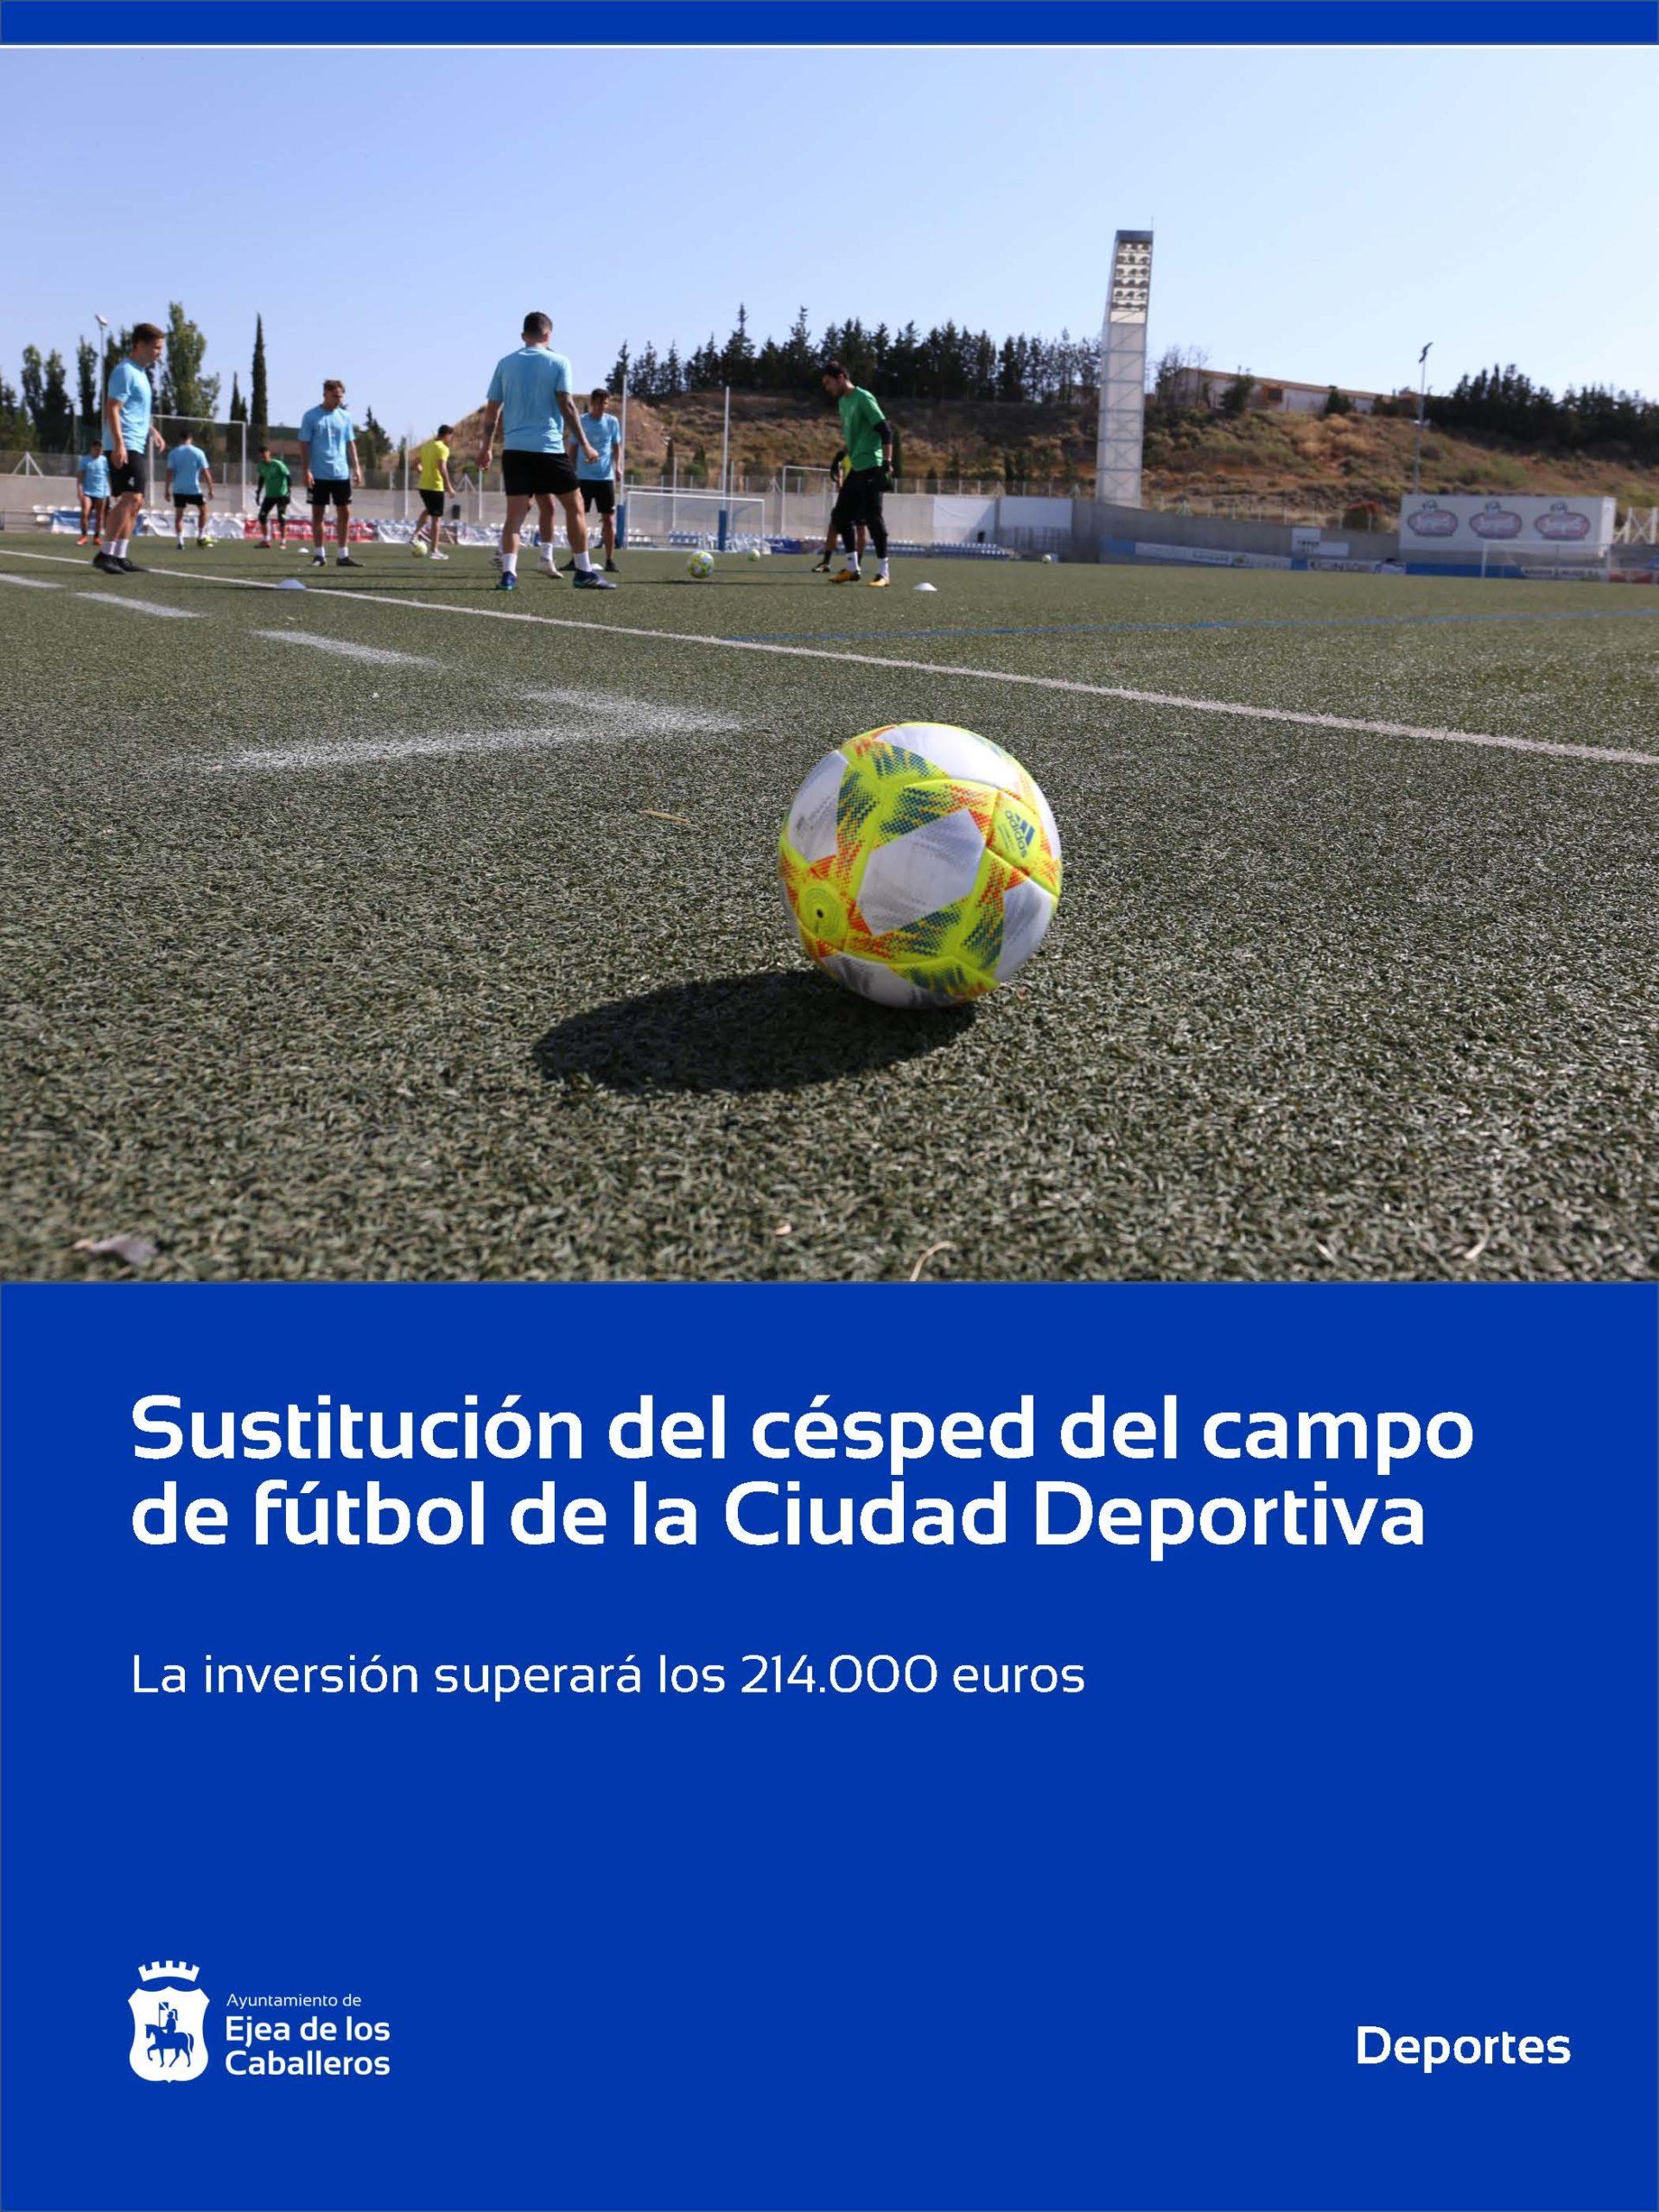 Reposición del césped artificial del campo de fútbol-rugby del Estadio de la Ciudad Deportiva de Ejea